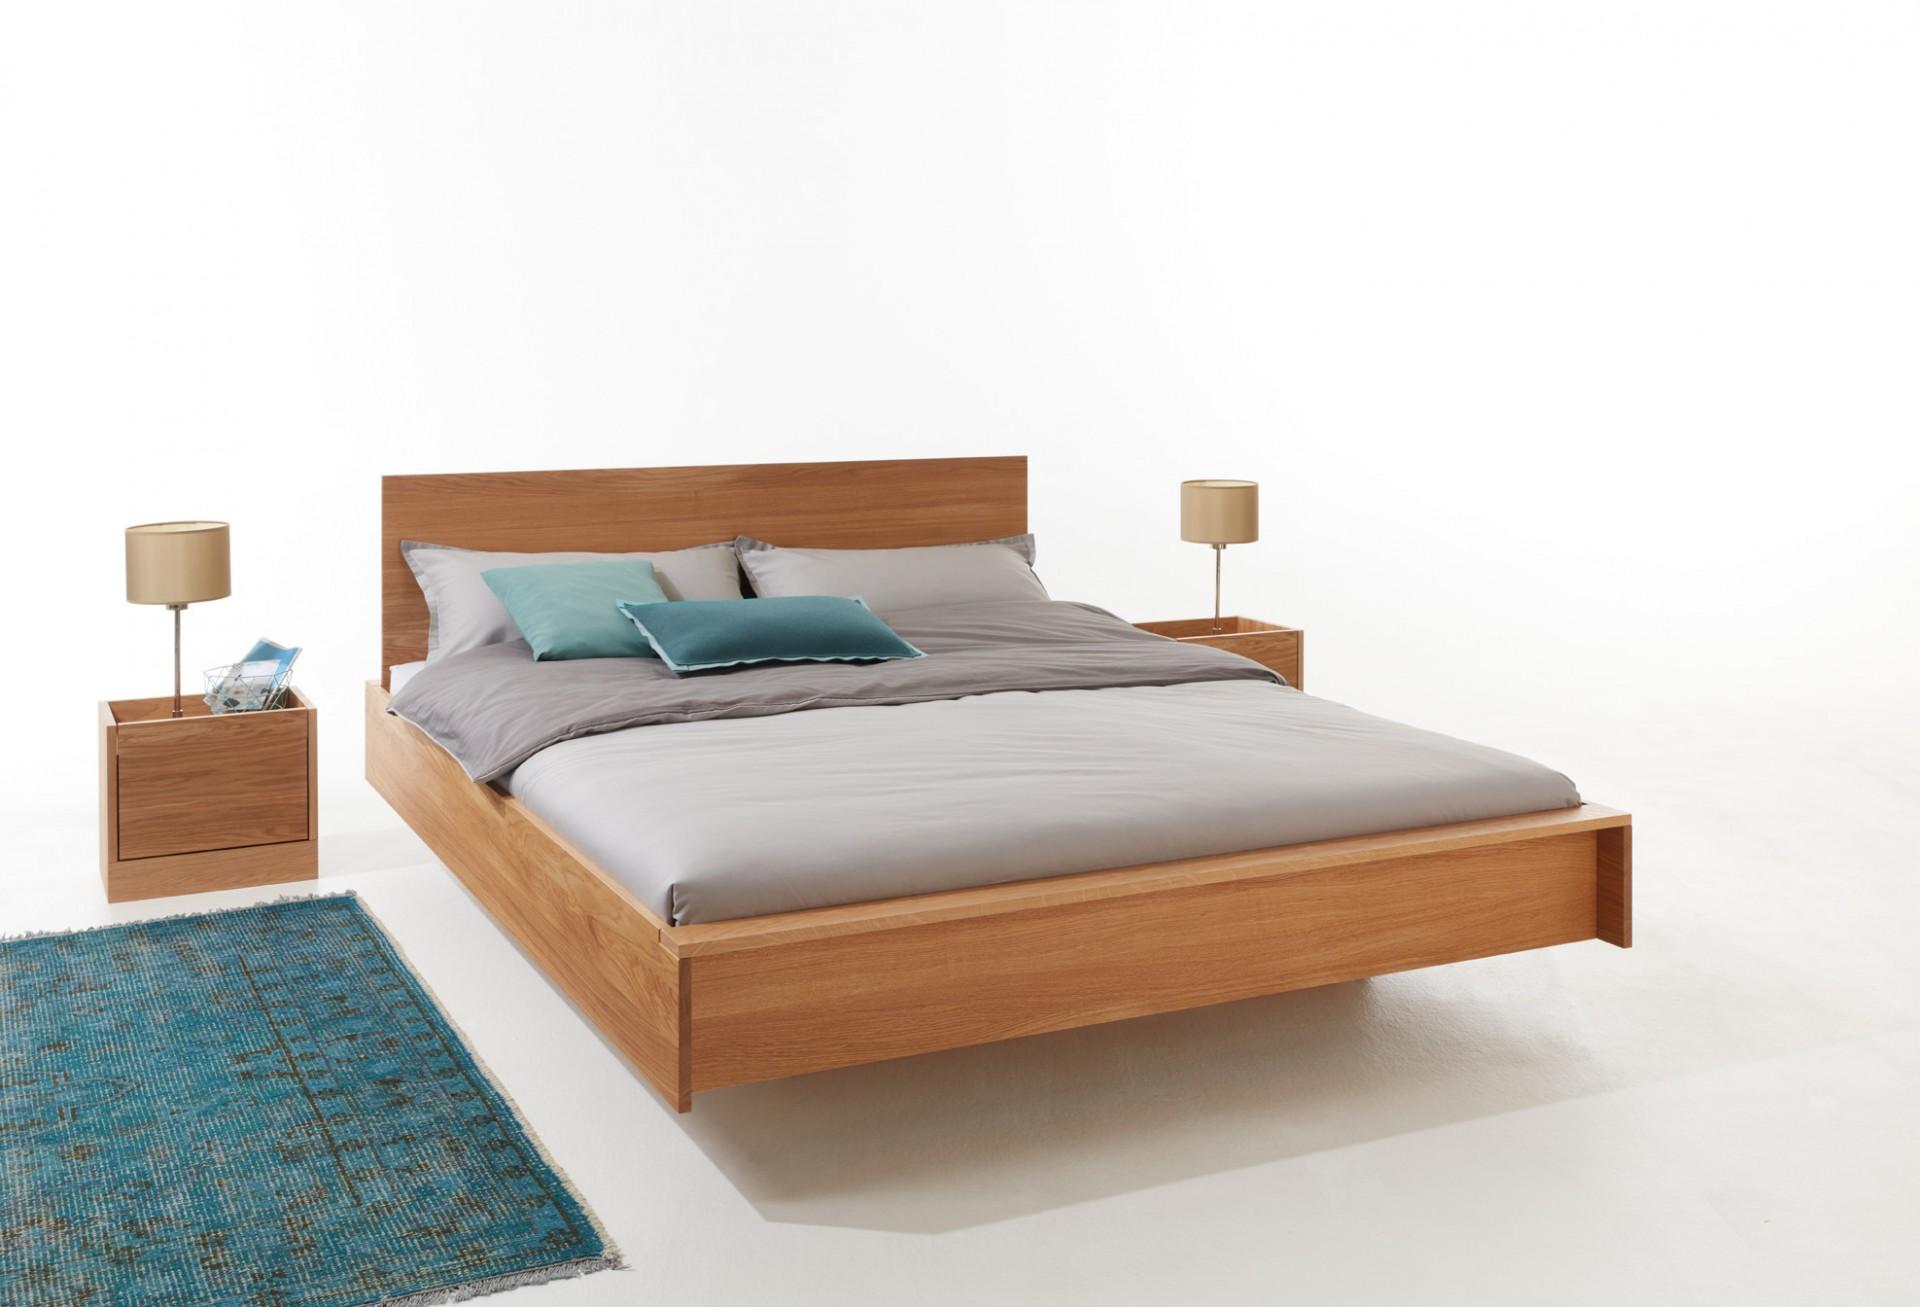 FLAI double bed oak Detailbild 1